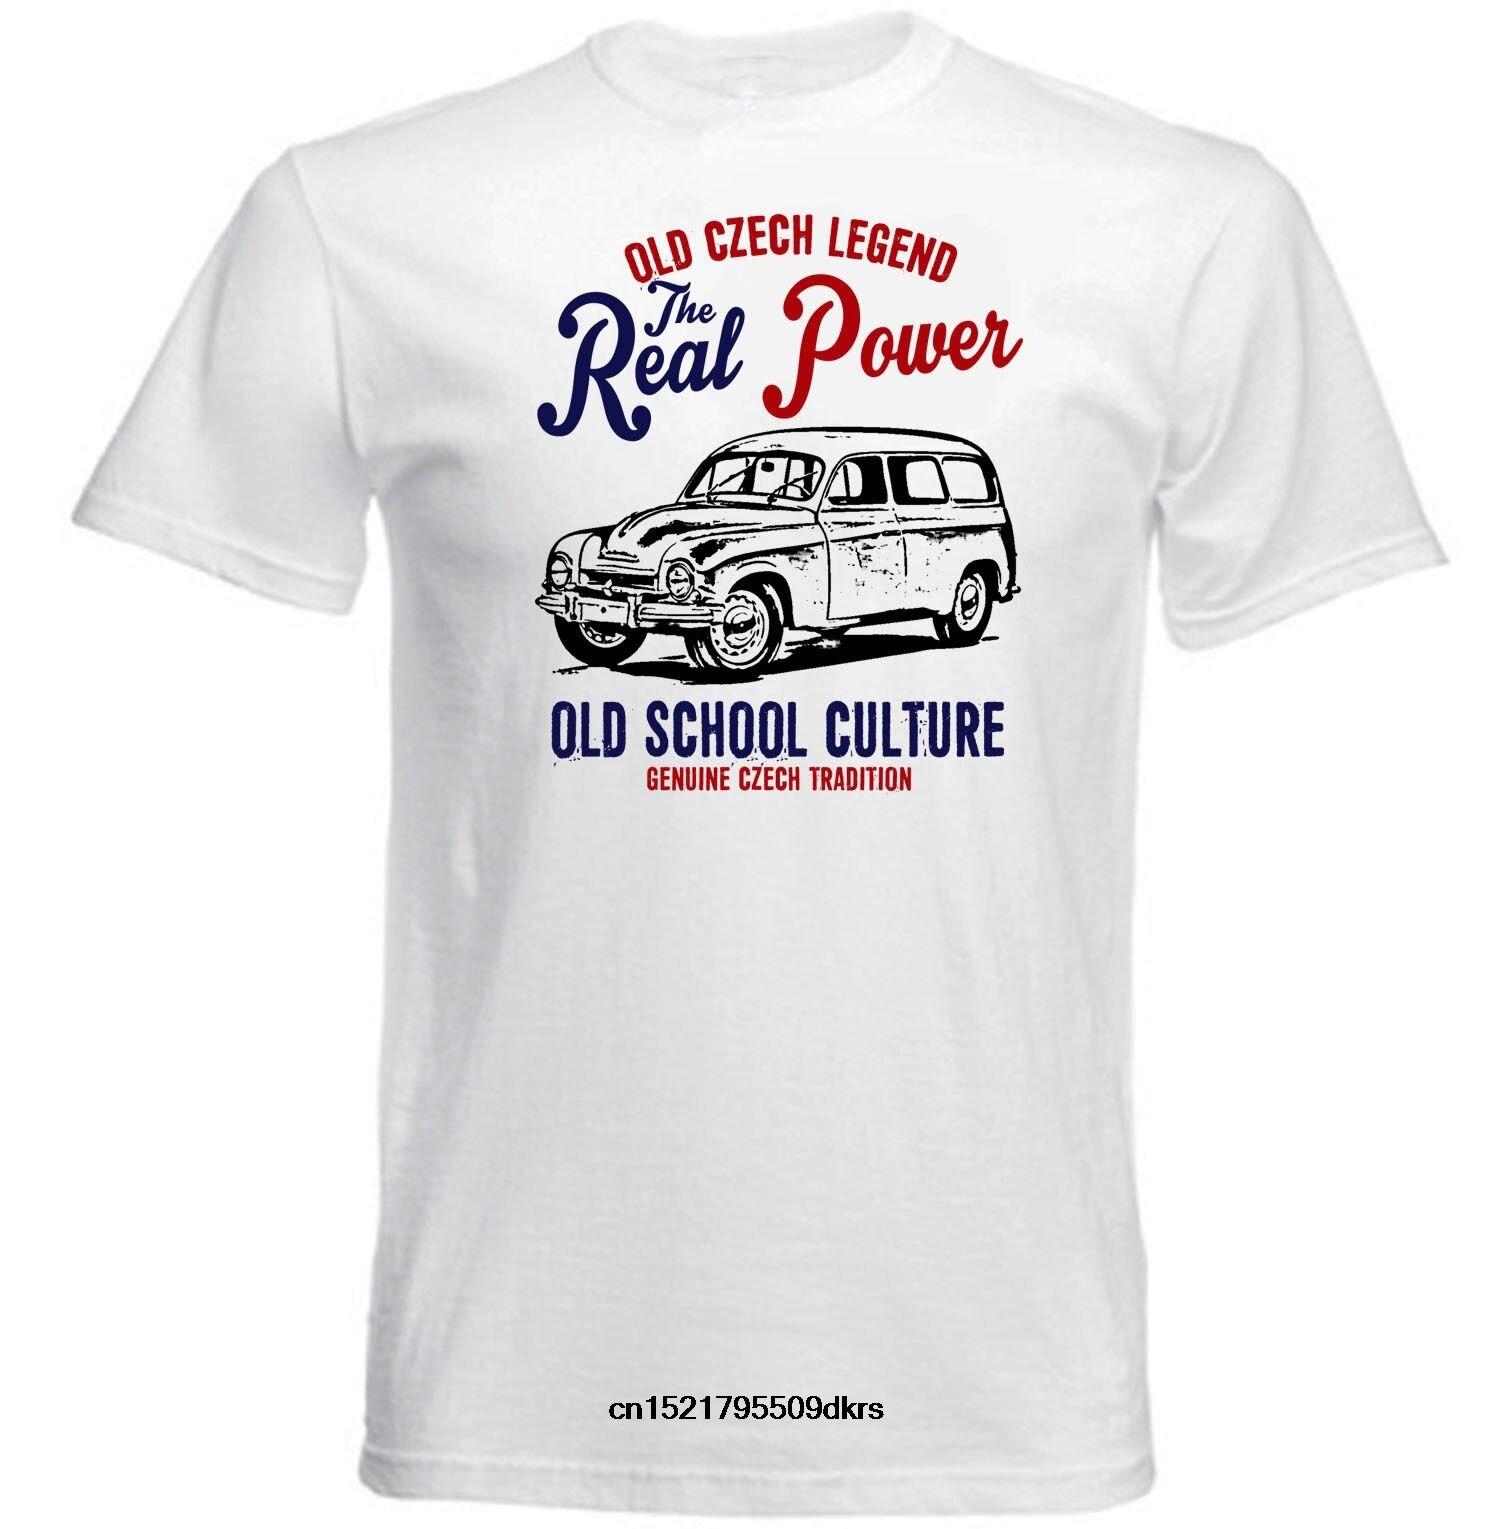 Camisa masculina t moda homem do vintage carro checo skoda 1201 novo algodão legal topos engraçado camiseta novidade camiseta feminina